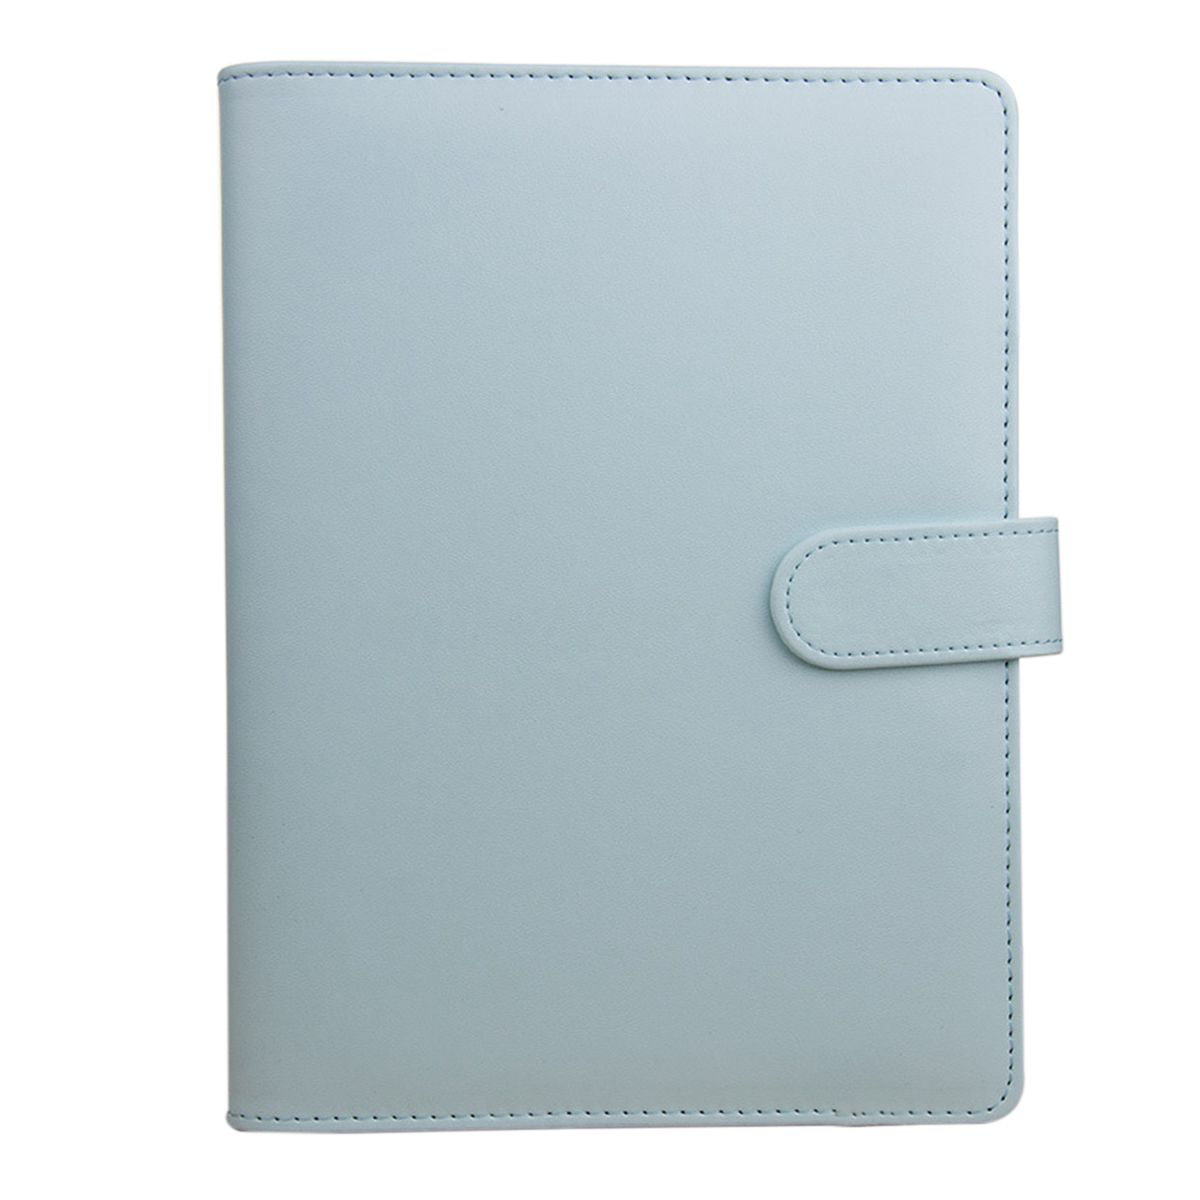 Blau Kenntnisreich A5 Wöchentlich Monatlich Planer Tagebuch Klassische Lose-blatt-ring-binder Notebook Abdeckung Notebooks & Schreibblöcke